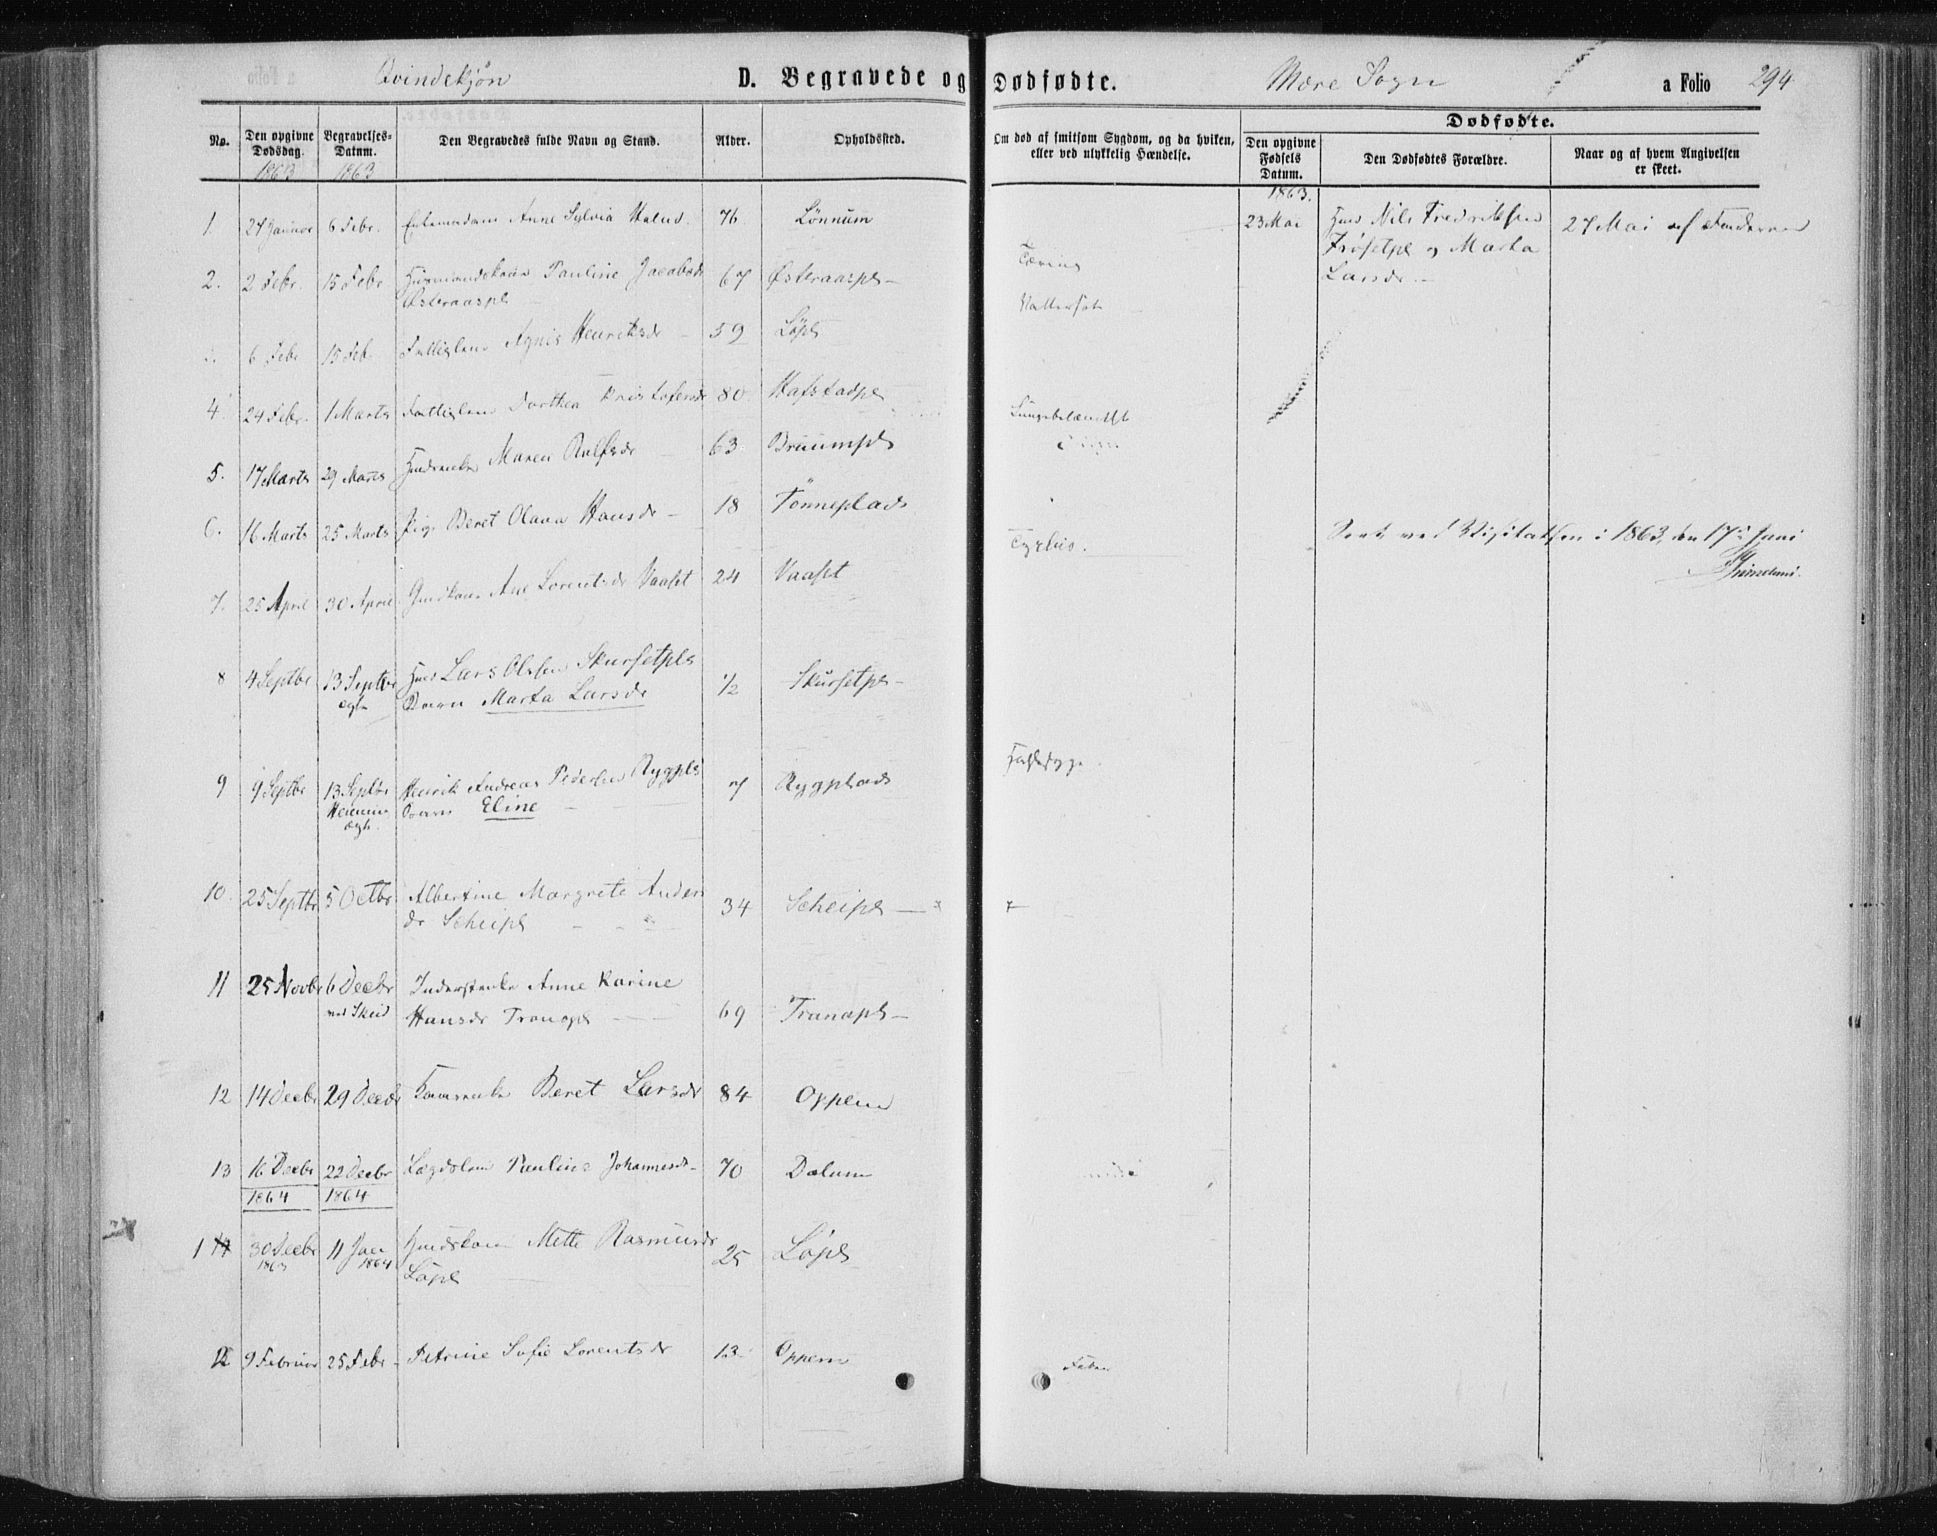 SAT, Ministerialprotokoller, klokkerbøker og fødselsregistre - Nord-Trøndelag, 735/L0345: Ministerialbok nr. 735A08 /1, 1863-1872, s. 294